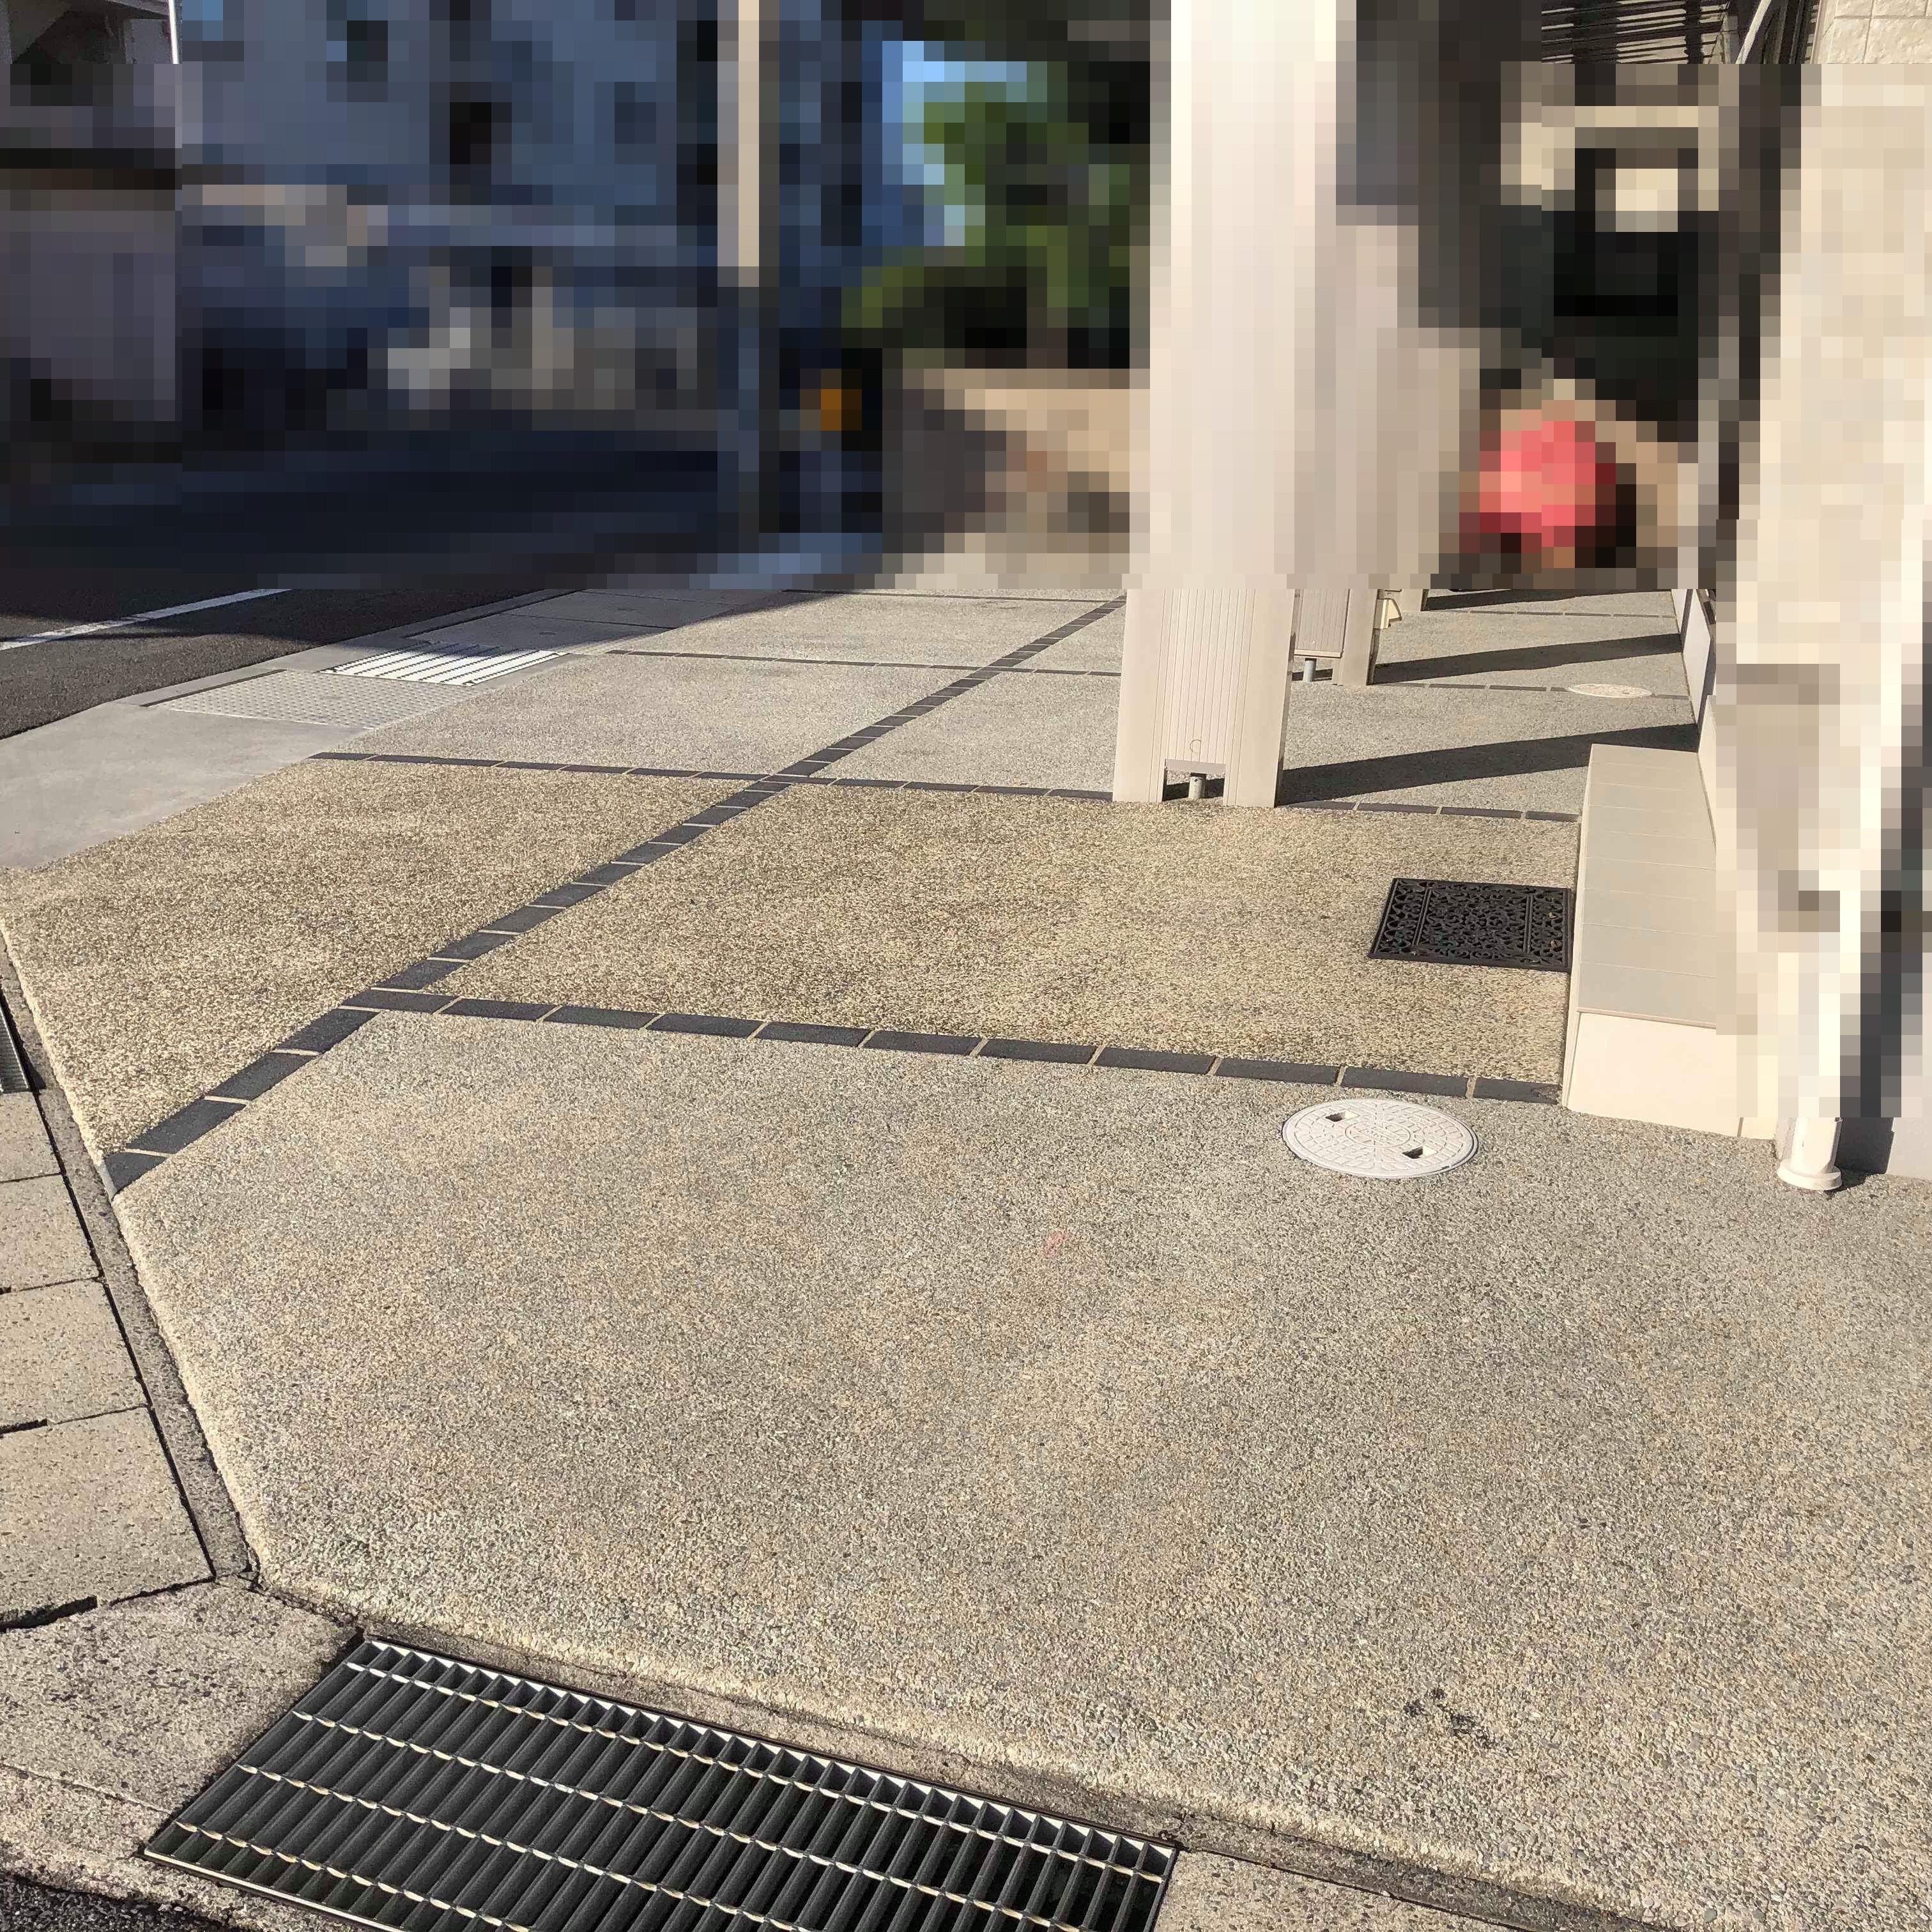 「あれ? 透水性コンクリート??」コンクリート洗い出し